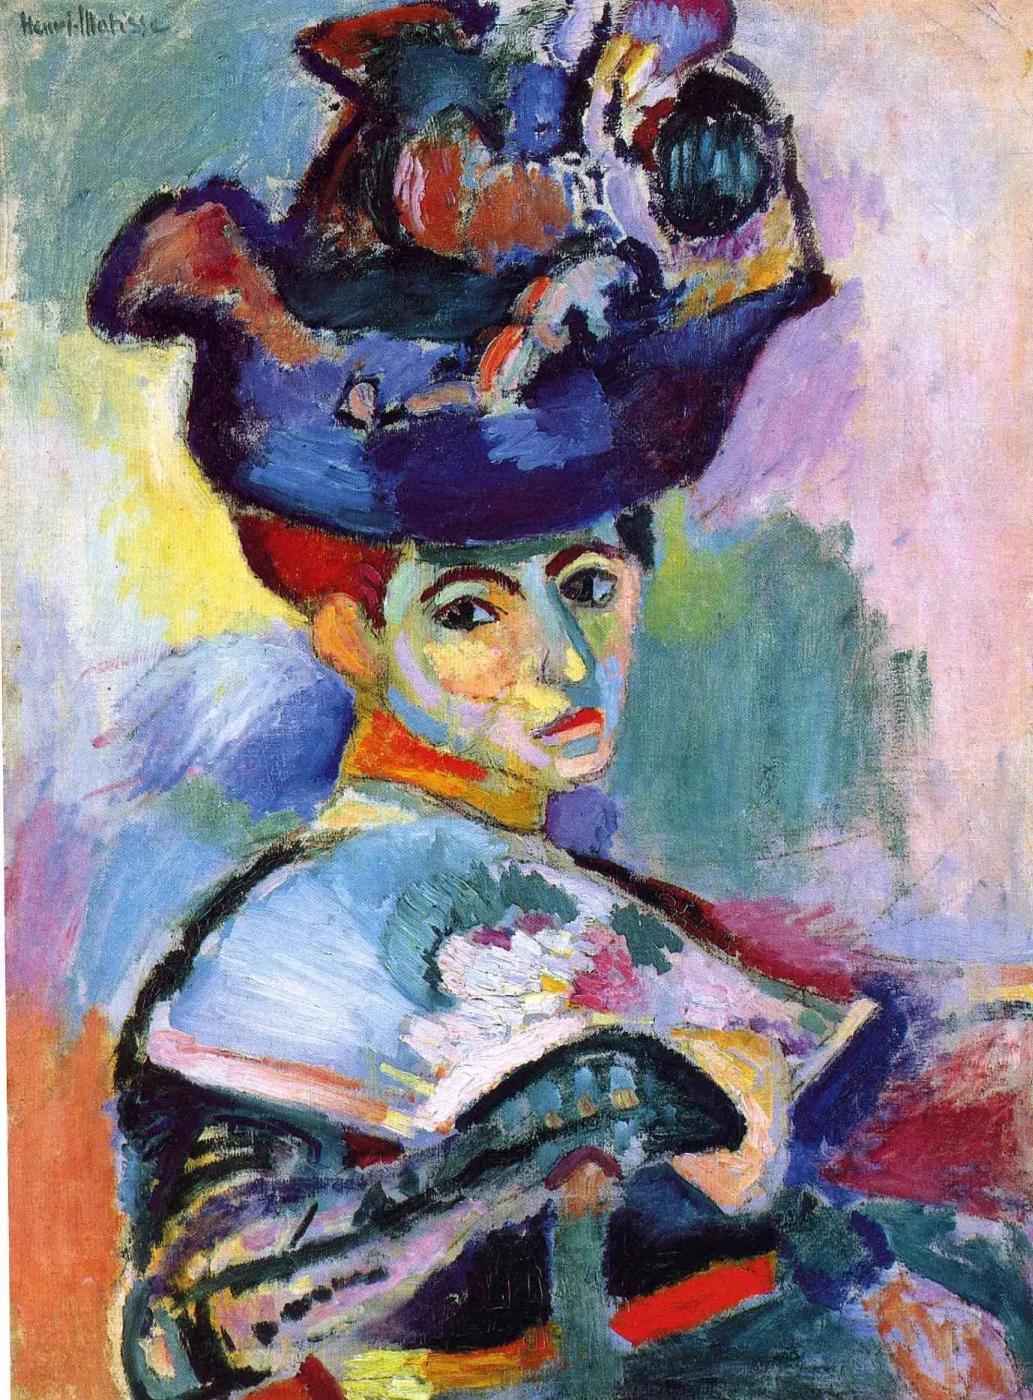 Женщина в шляпе Анри Матисс, 1905, 24×31 см Музей современного искусства, Сан-Франциско